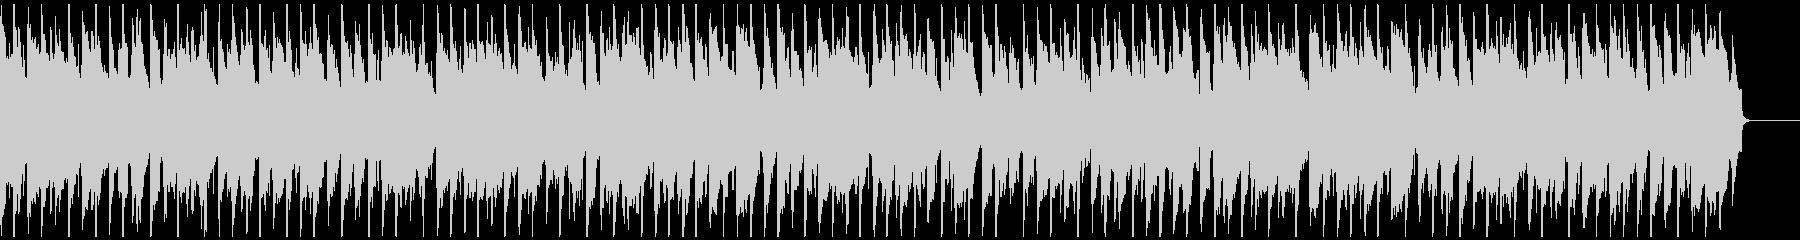 Handel's Arrange Recorder for the award ceremony's unreproduced waveform